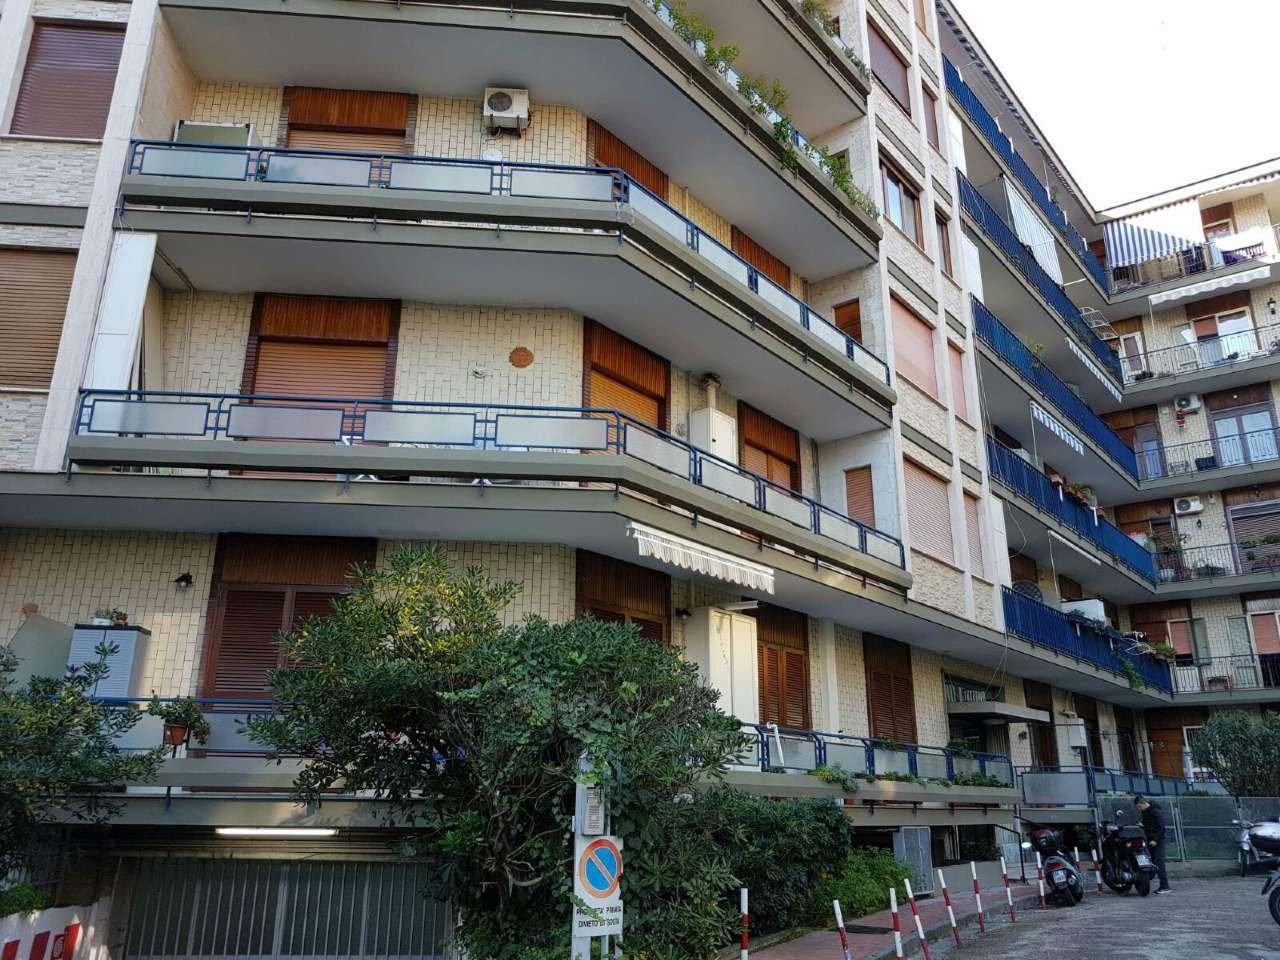 casa napoli appartamenti e case in vendita a napoli